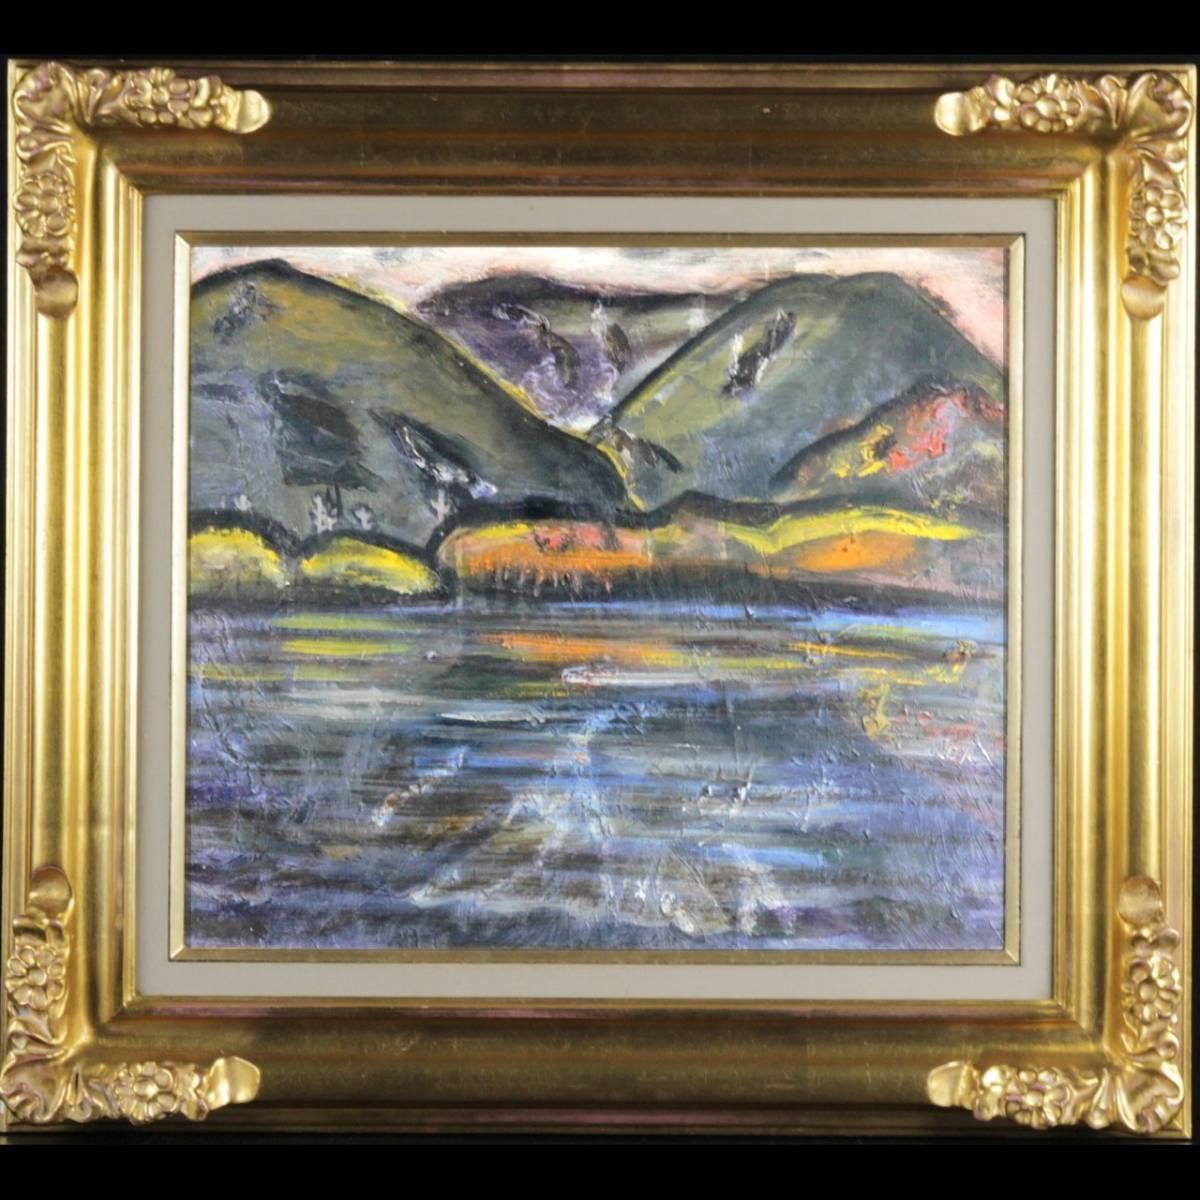 ◆楾◆ 麻生三郎 「風景画」 肉筆油彩10号 自由美術家協会参加 T[Y97]RS/21.7廻/MK/(200)